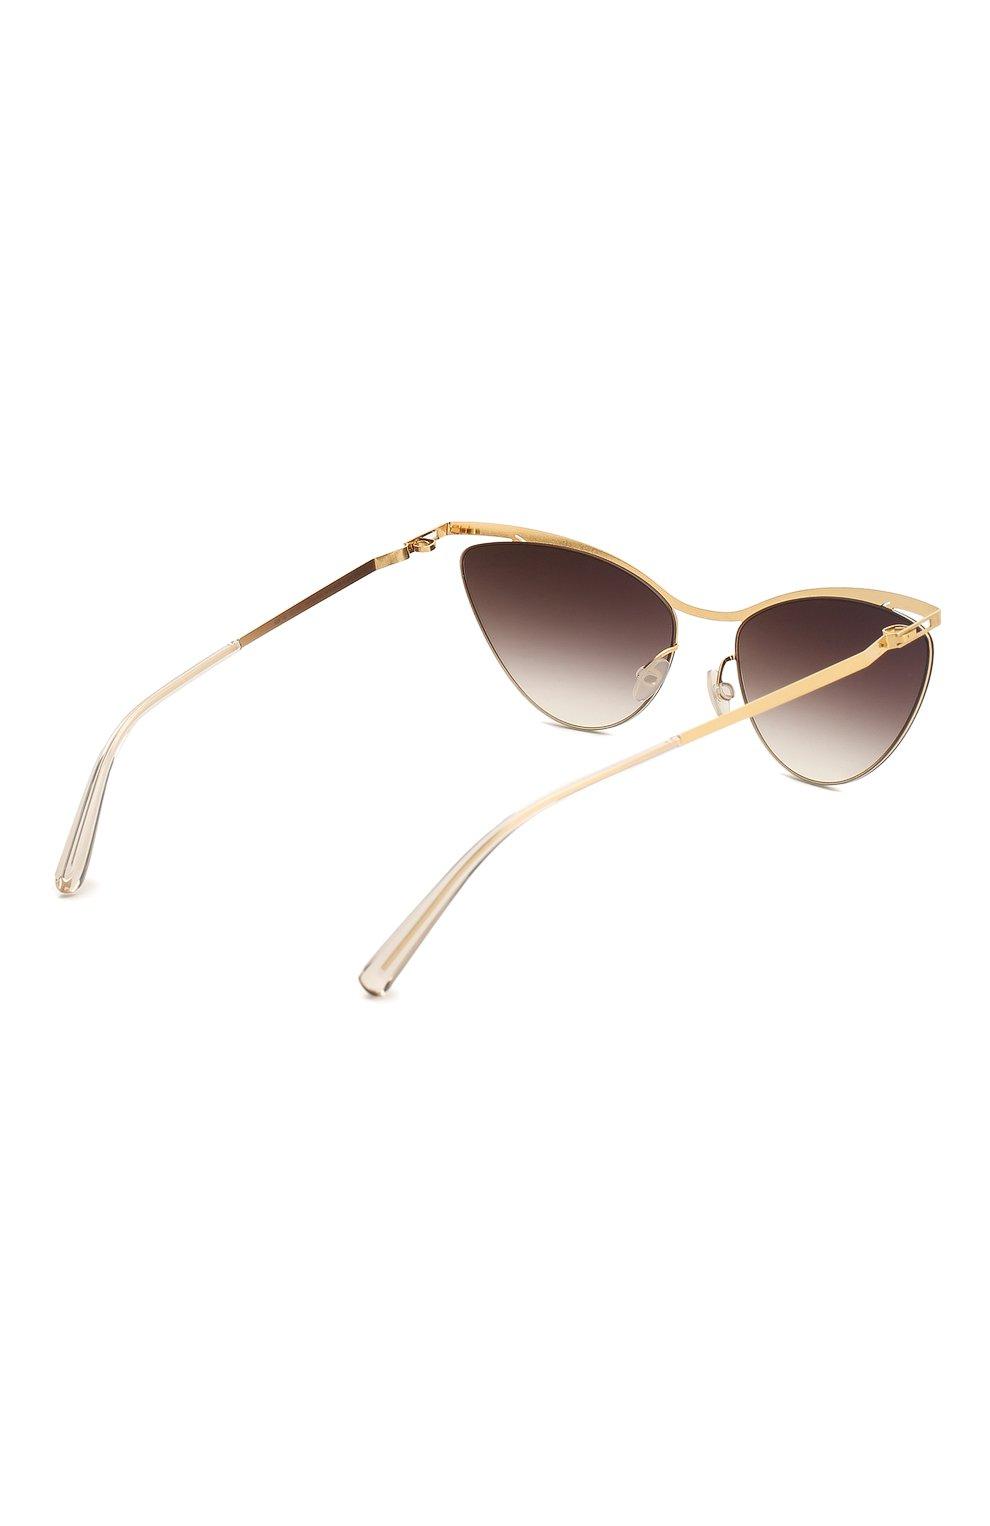 Женские солнцезащитные очки MYKITA золотого цвета, арт. MIZUH0/GL0SSYG0LD | Фото 4